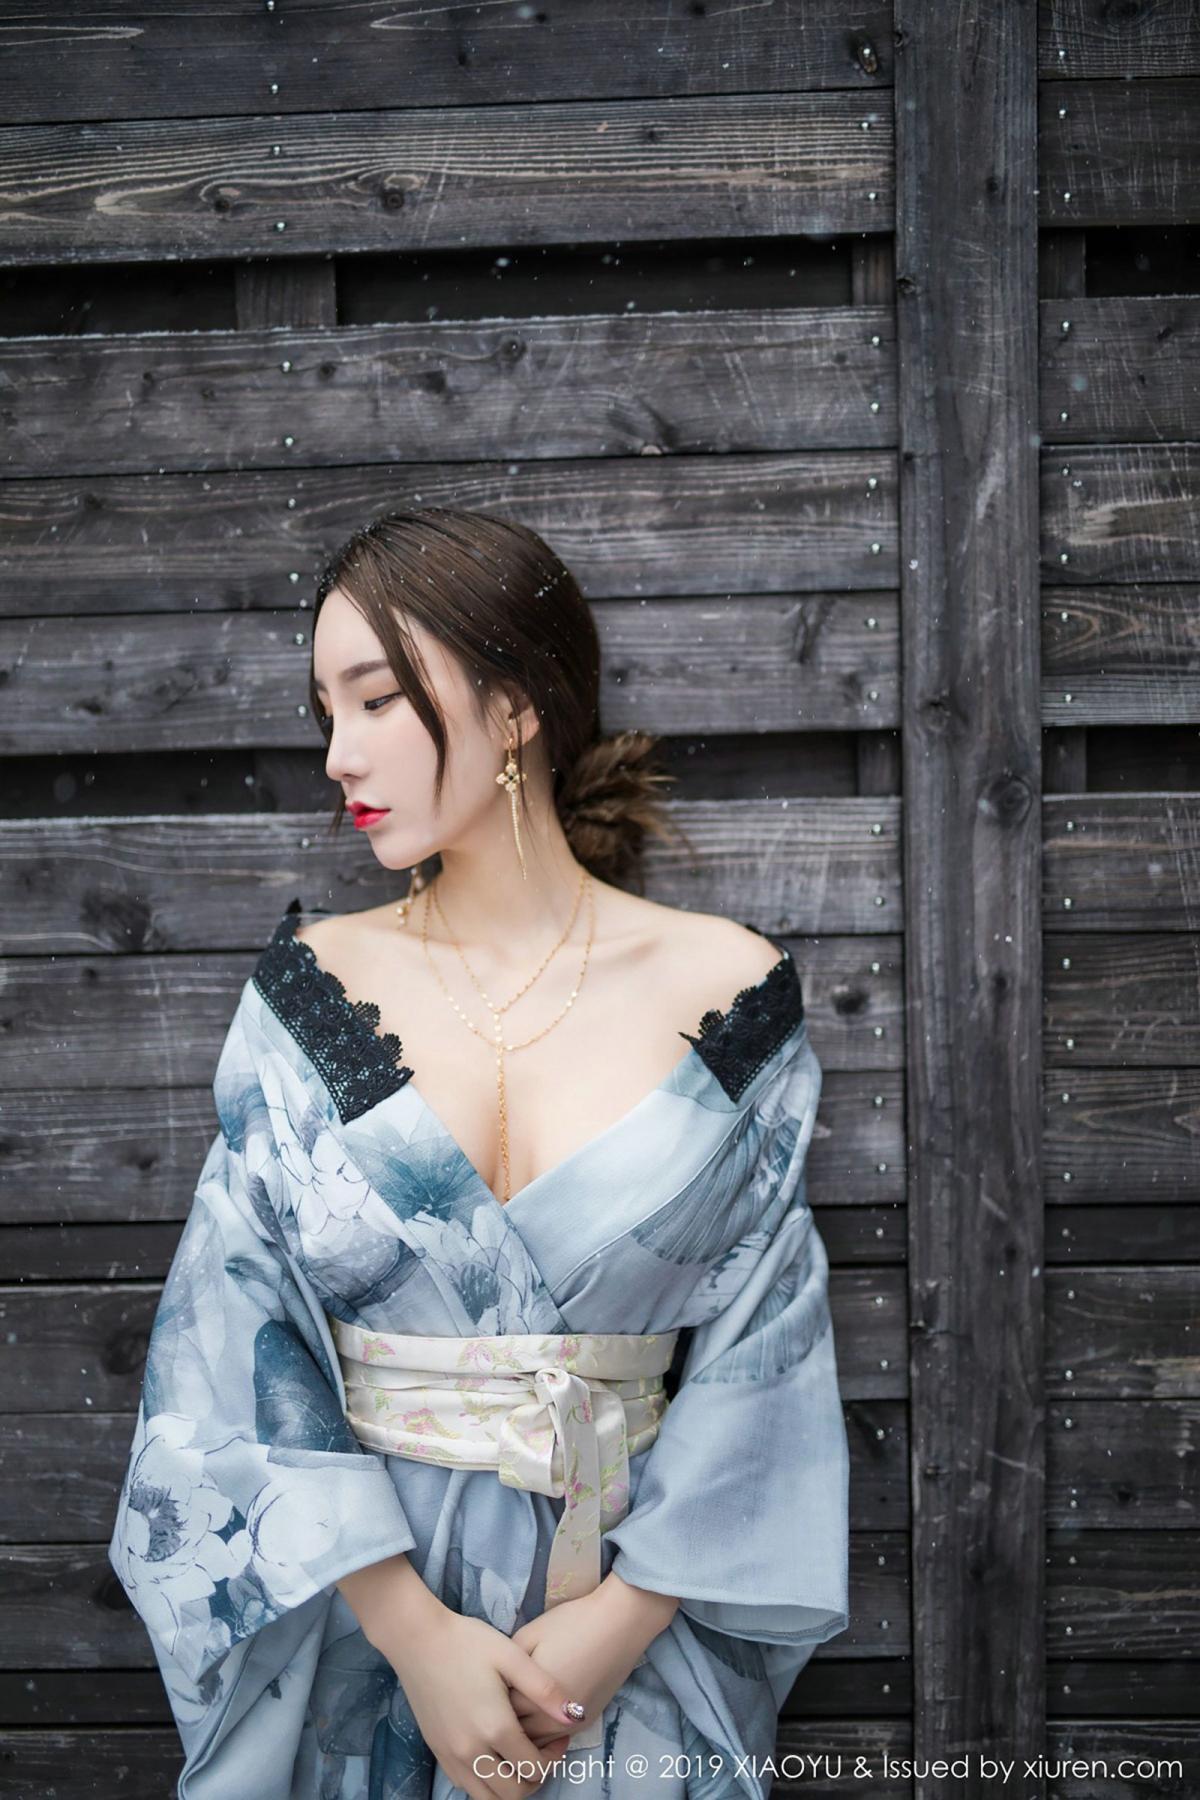 [XiaoYu] Vol.007 Zhou Yu Xi 29P, Snow, Tall, XiaoYu, Zhou Yu Xi